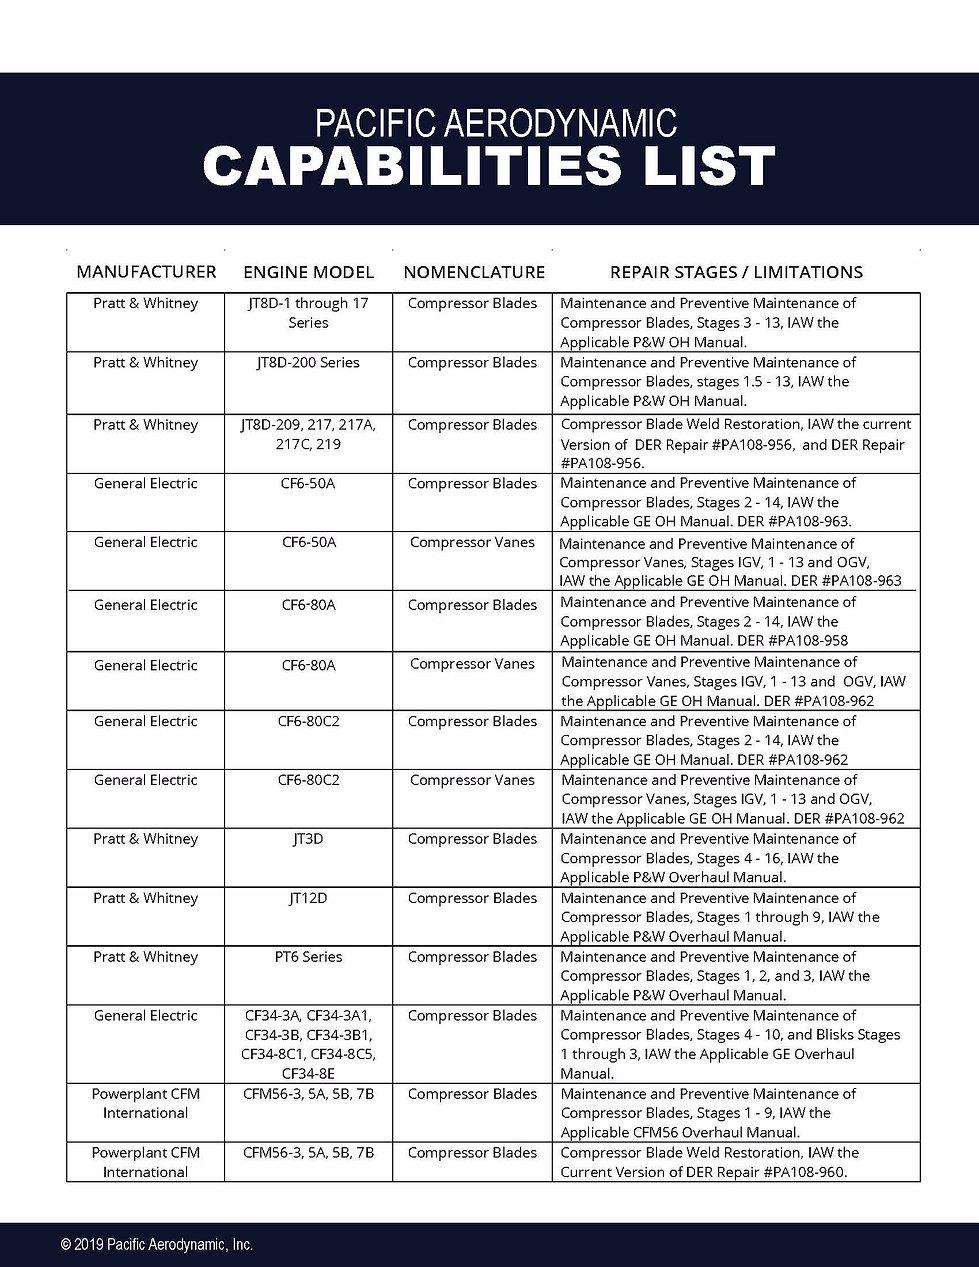 Capabilities List_edited.jpg